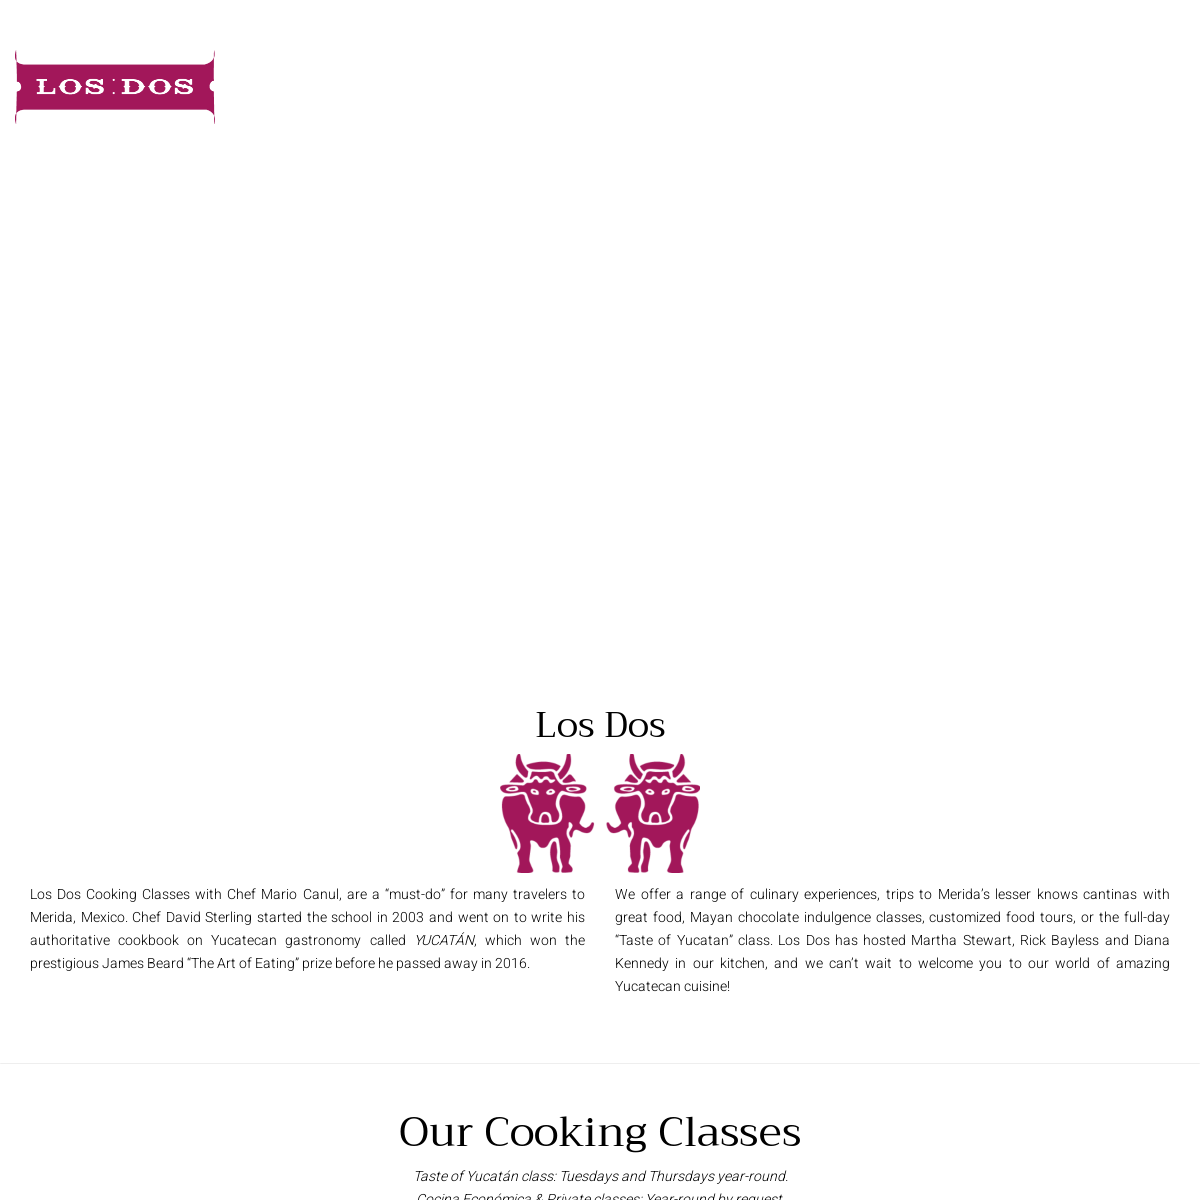 Los Dos – Cooking Classes in Merida, Mexico